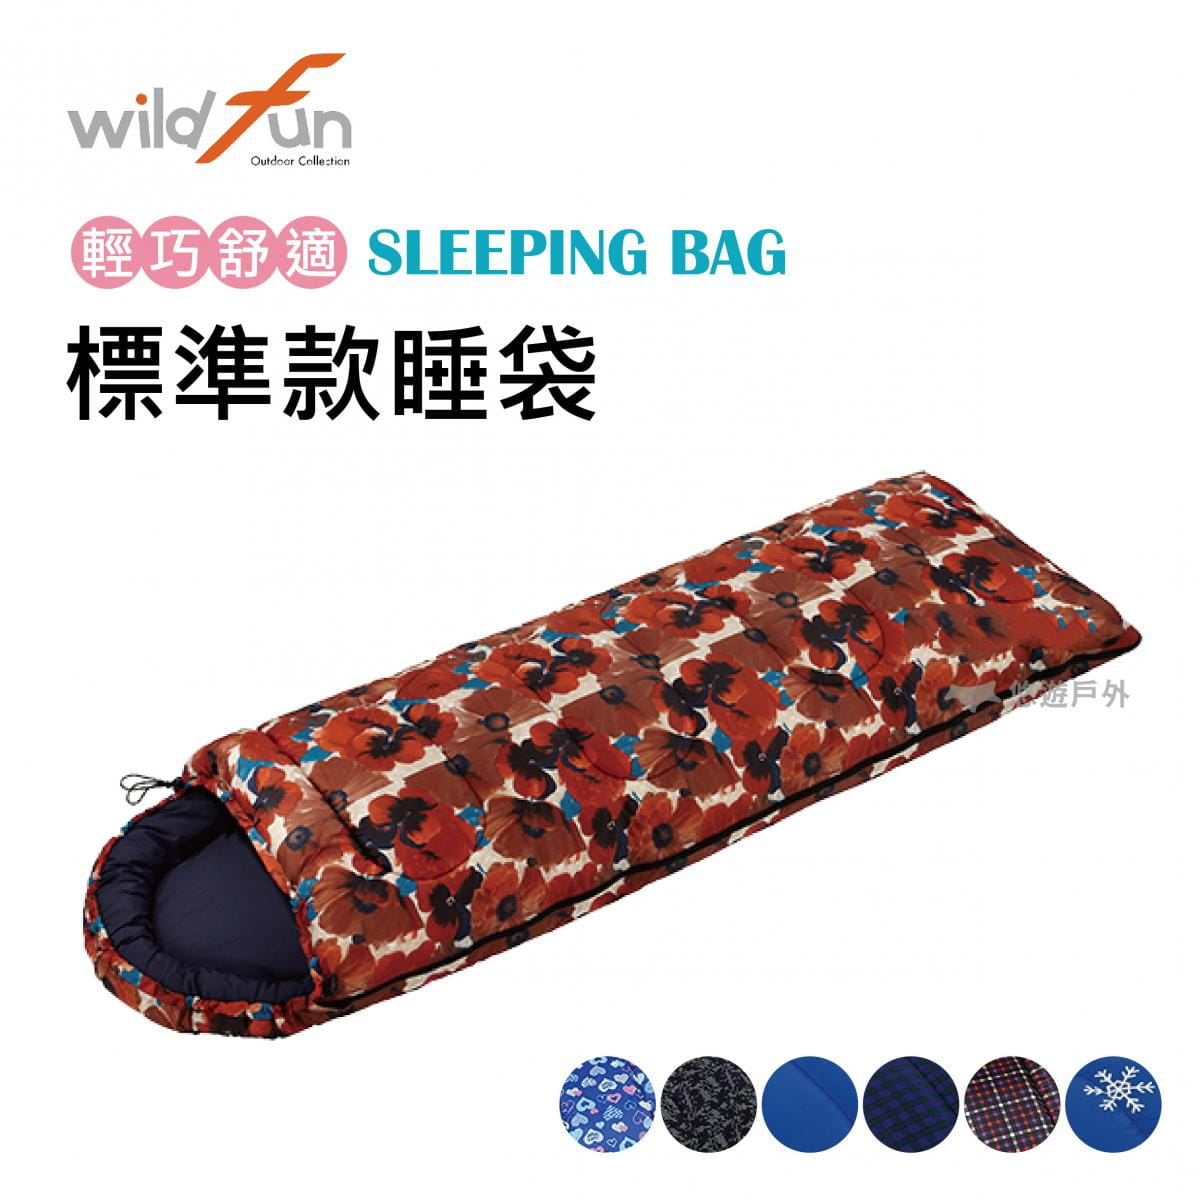 【悠遊戶外】Wildfun野放 標準型睡袋